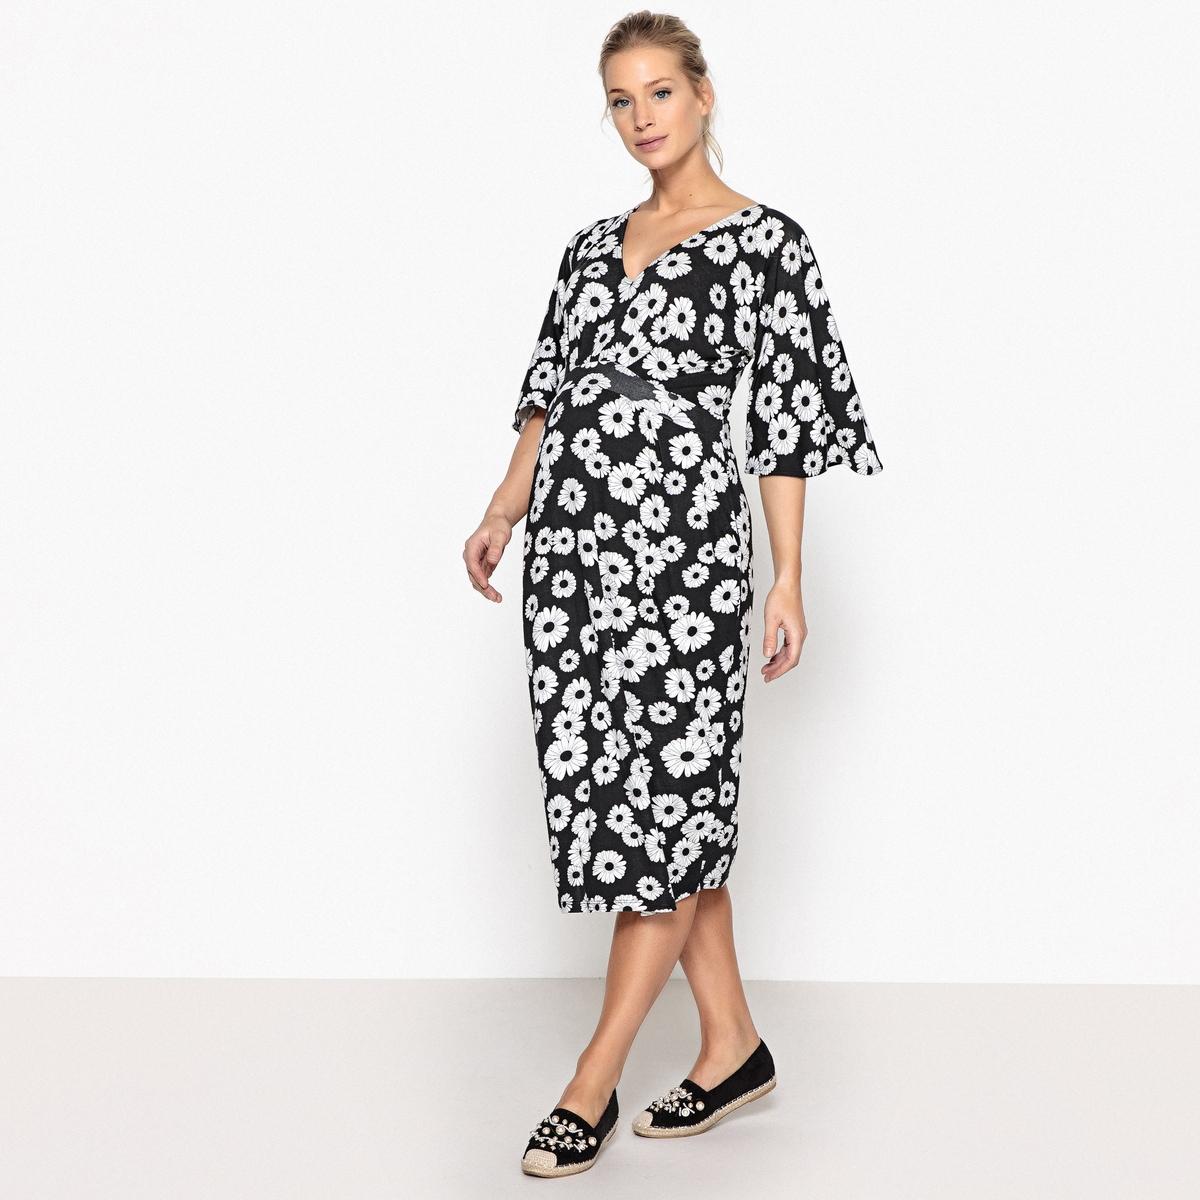 Платье La Redoute Для периода беременности с цветочным рисунком S другие платье la redoute из трикотажа для периода беременности s другие